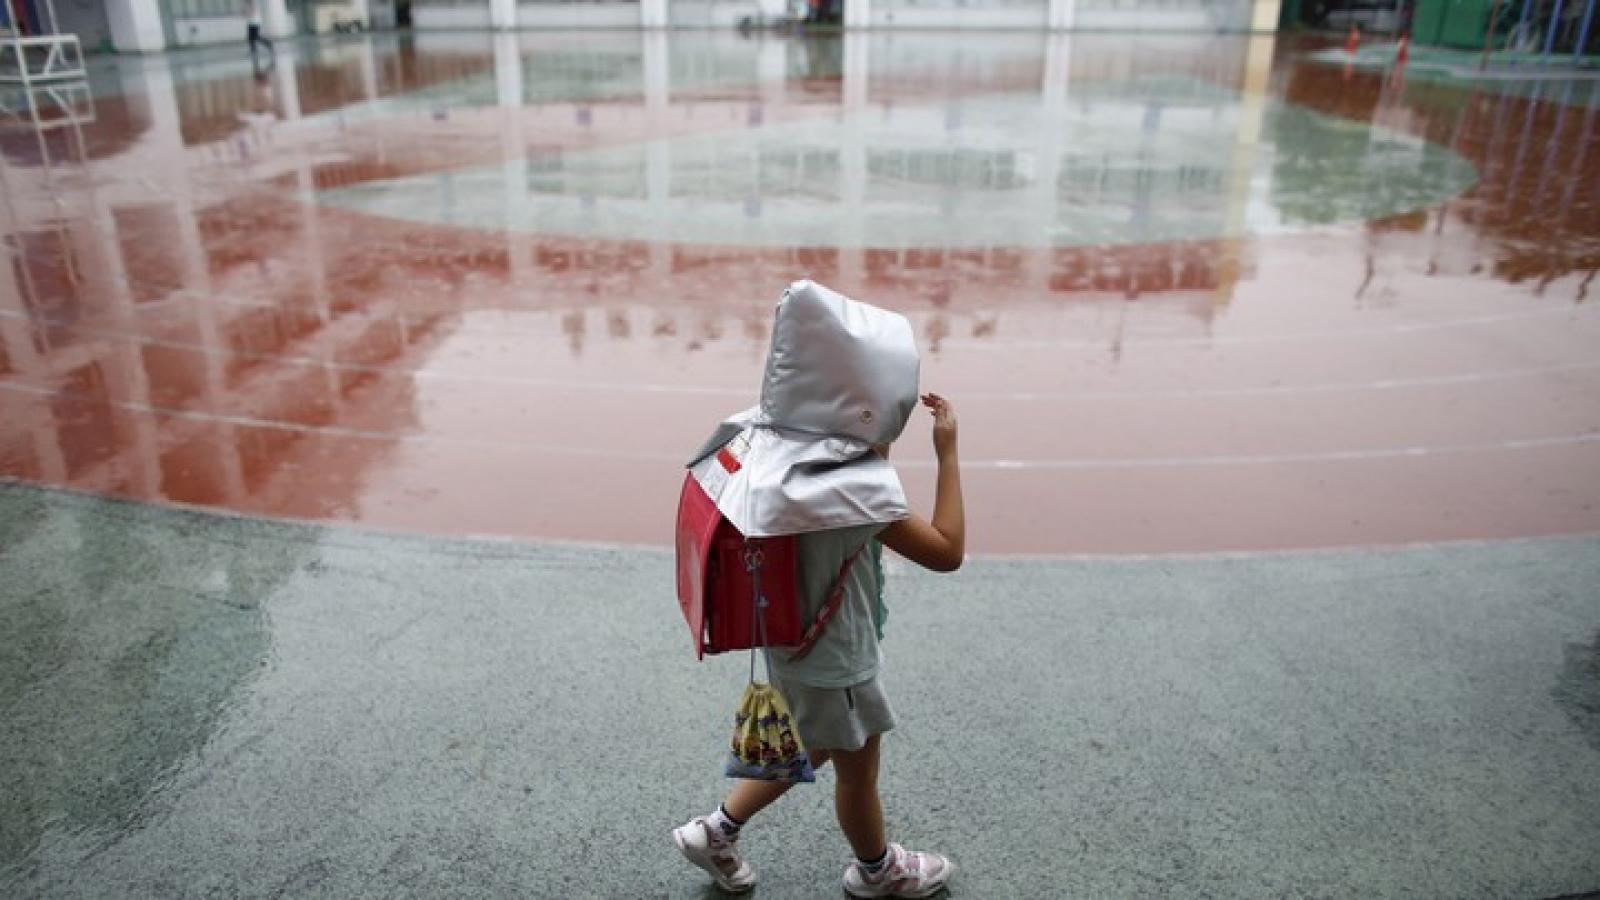 Nhật Bản khuyến cáo trẻ em dưới 2 tuổi không nên đeo khẩu trang